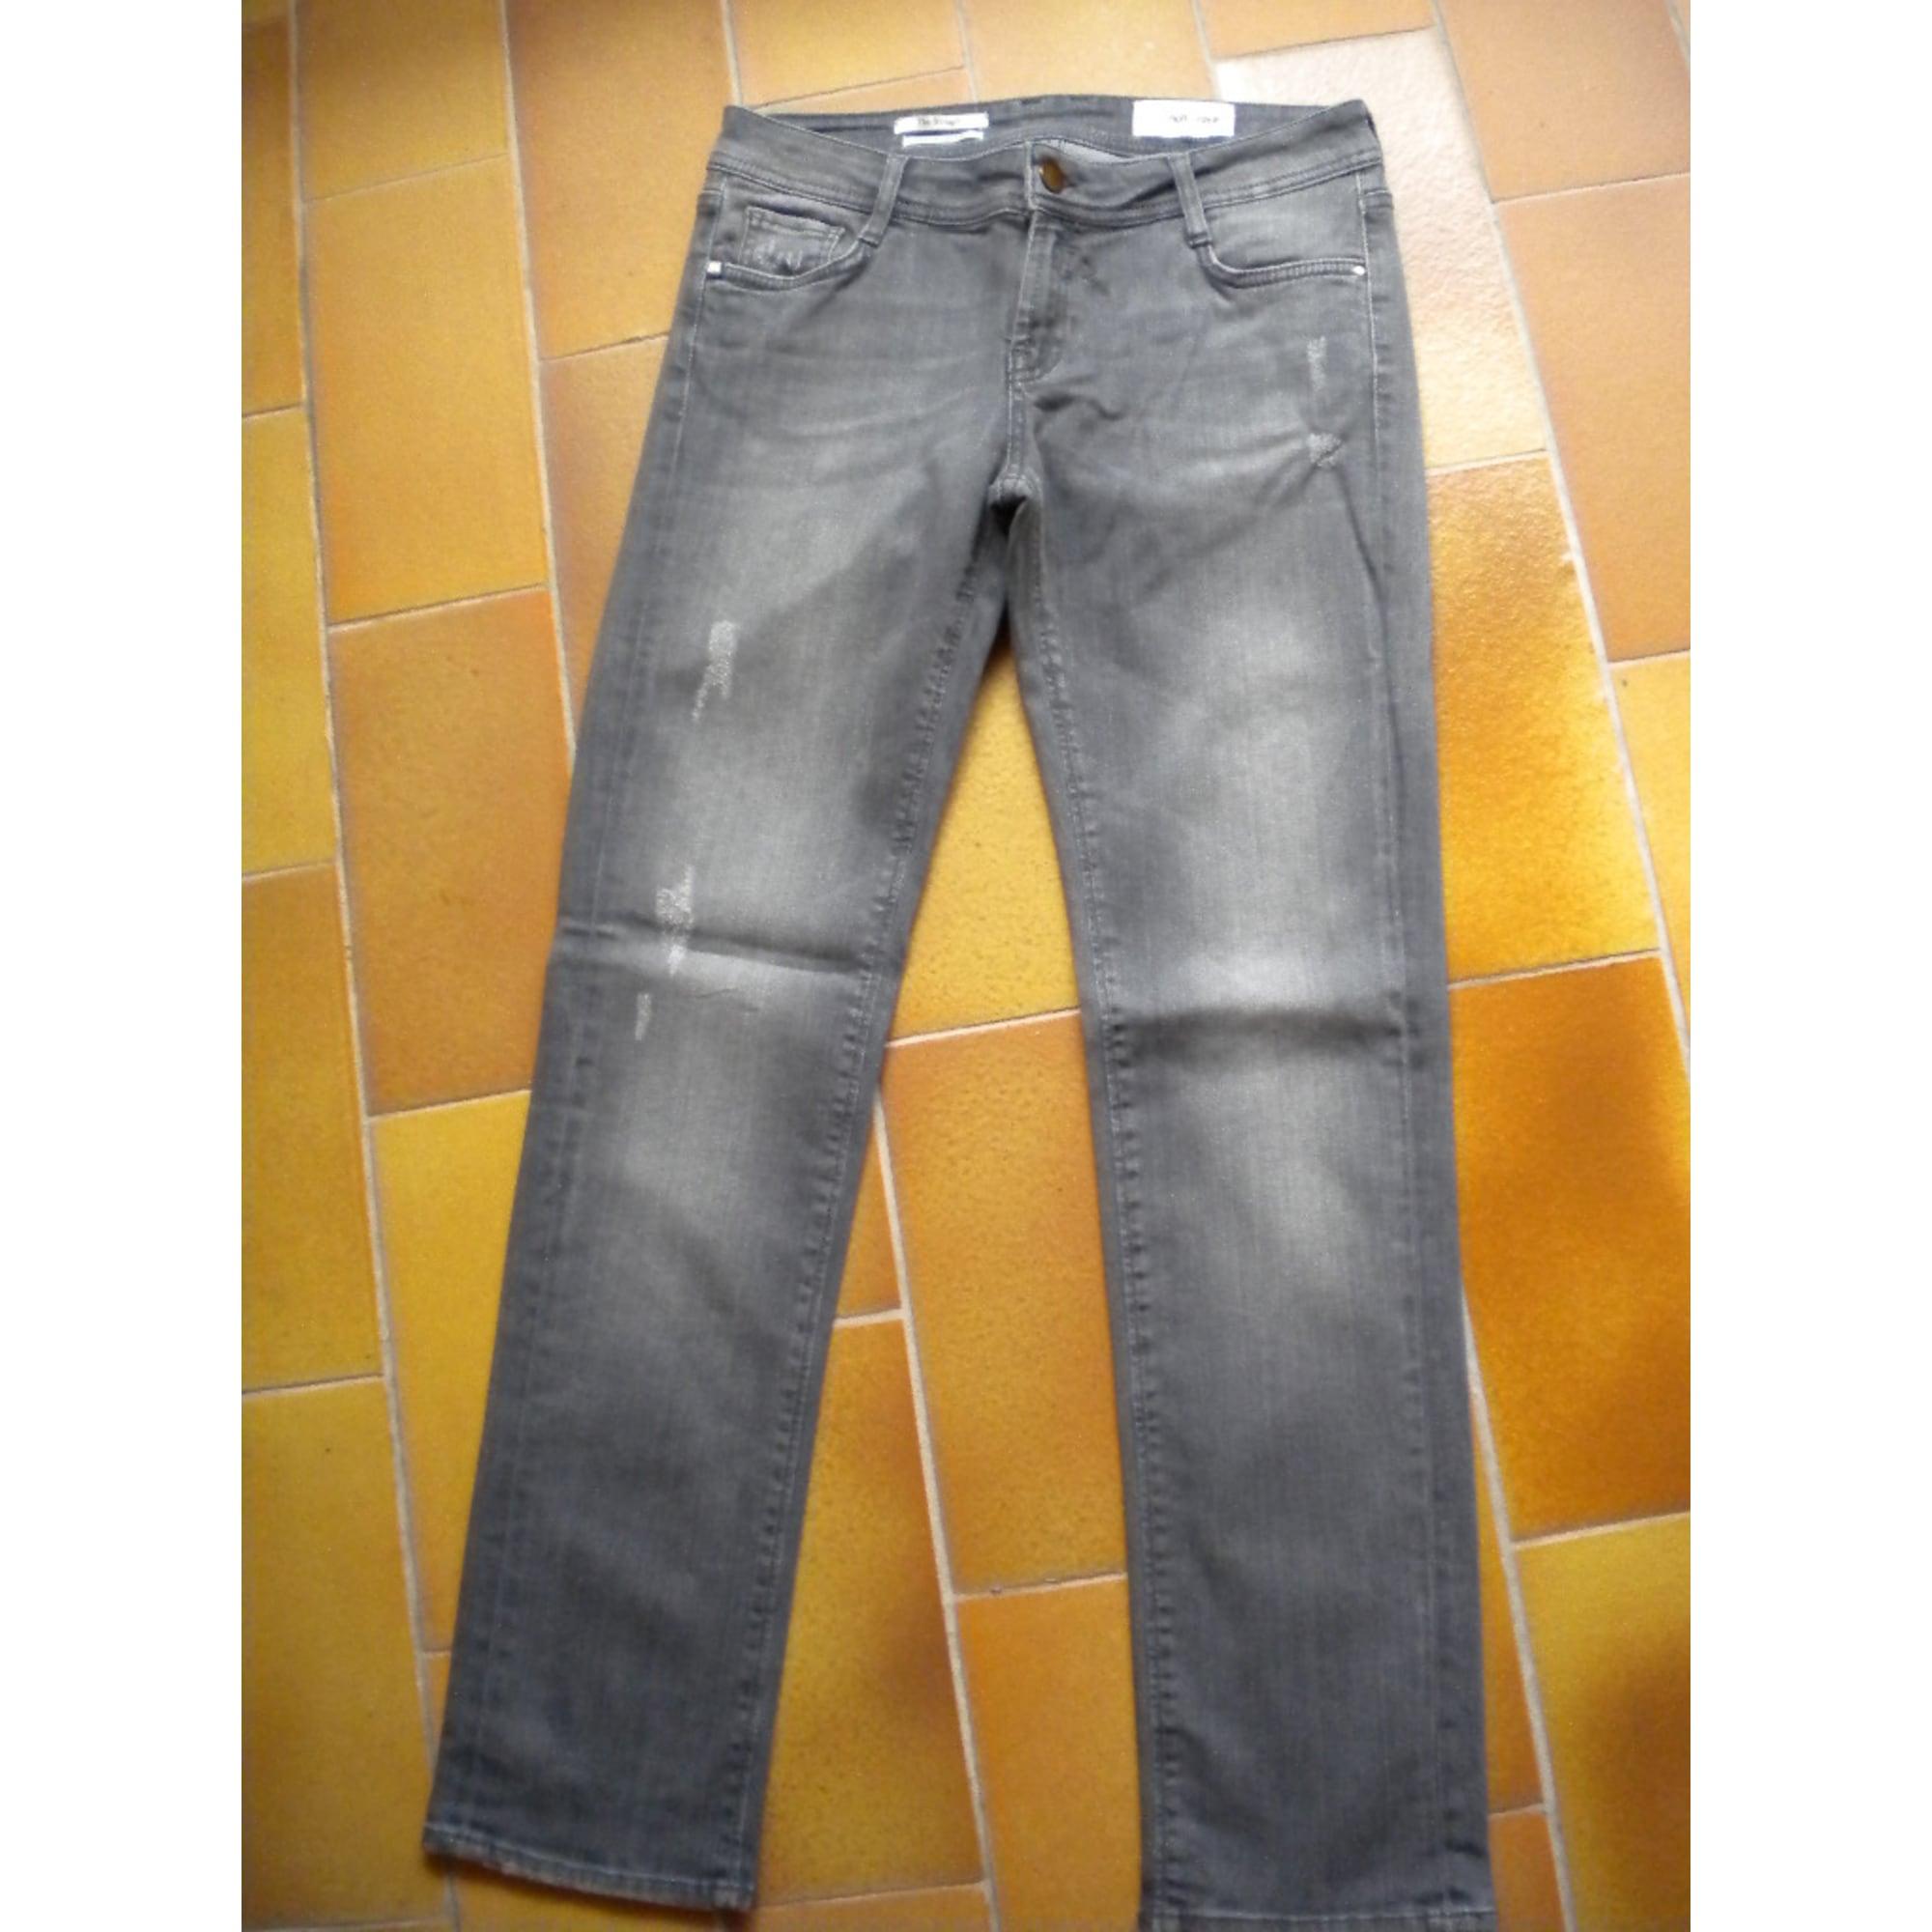 Jeans droit RICH & ROYAL Gris, anthracite